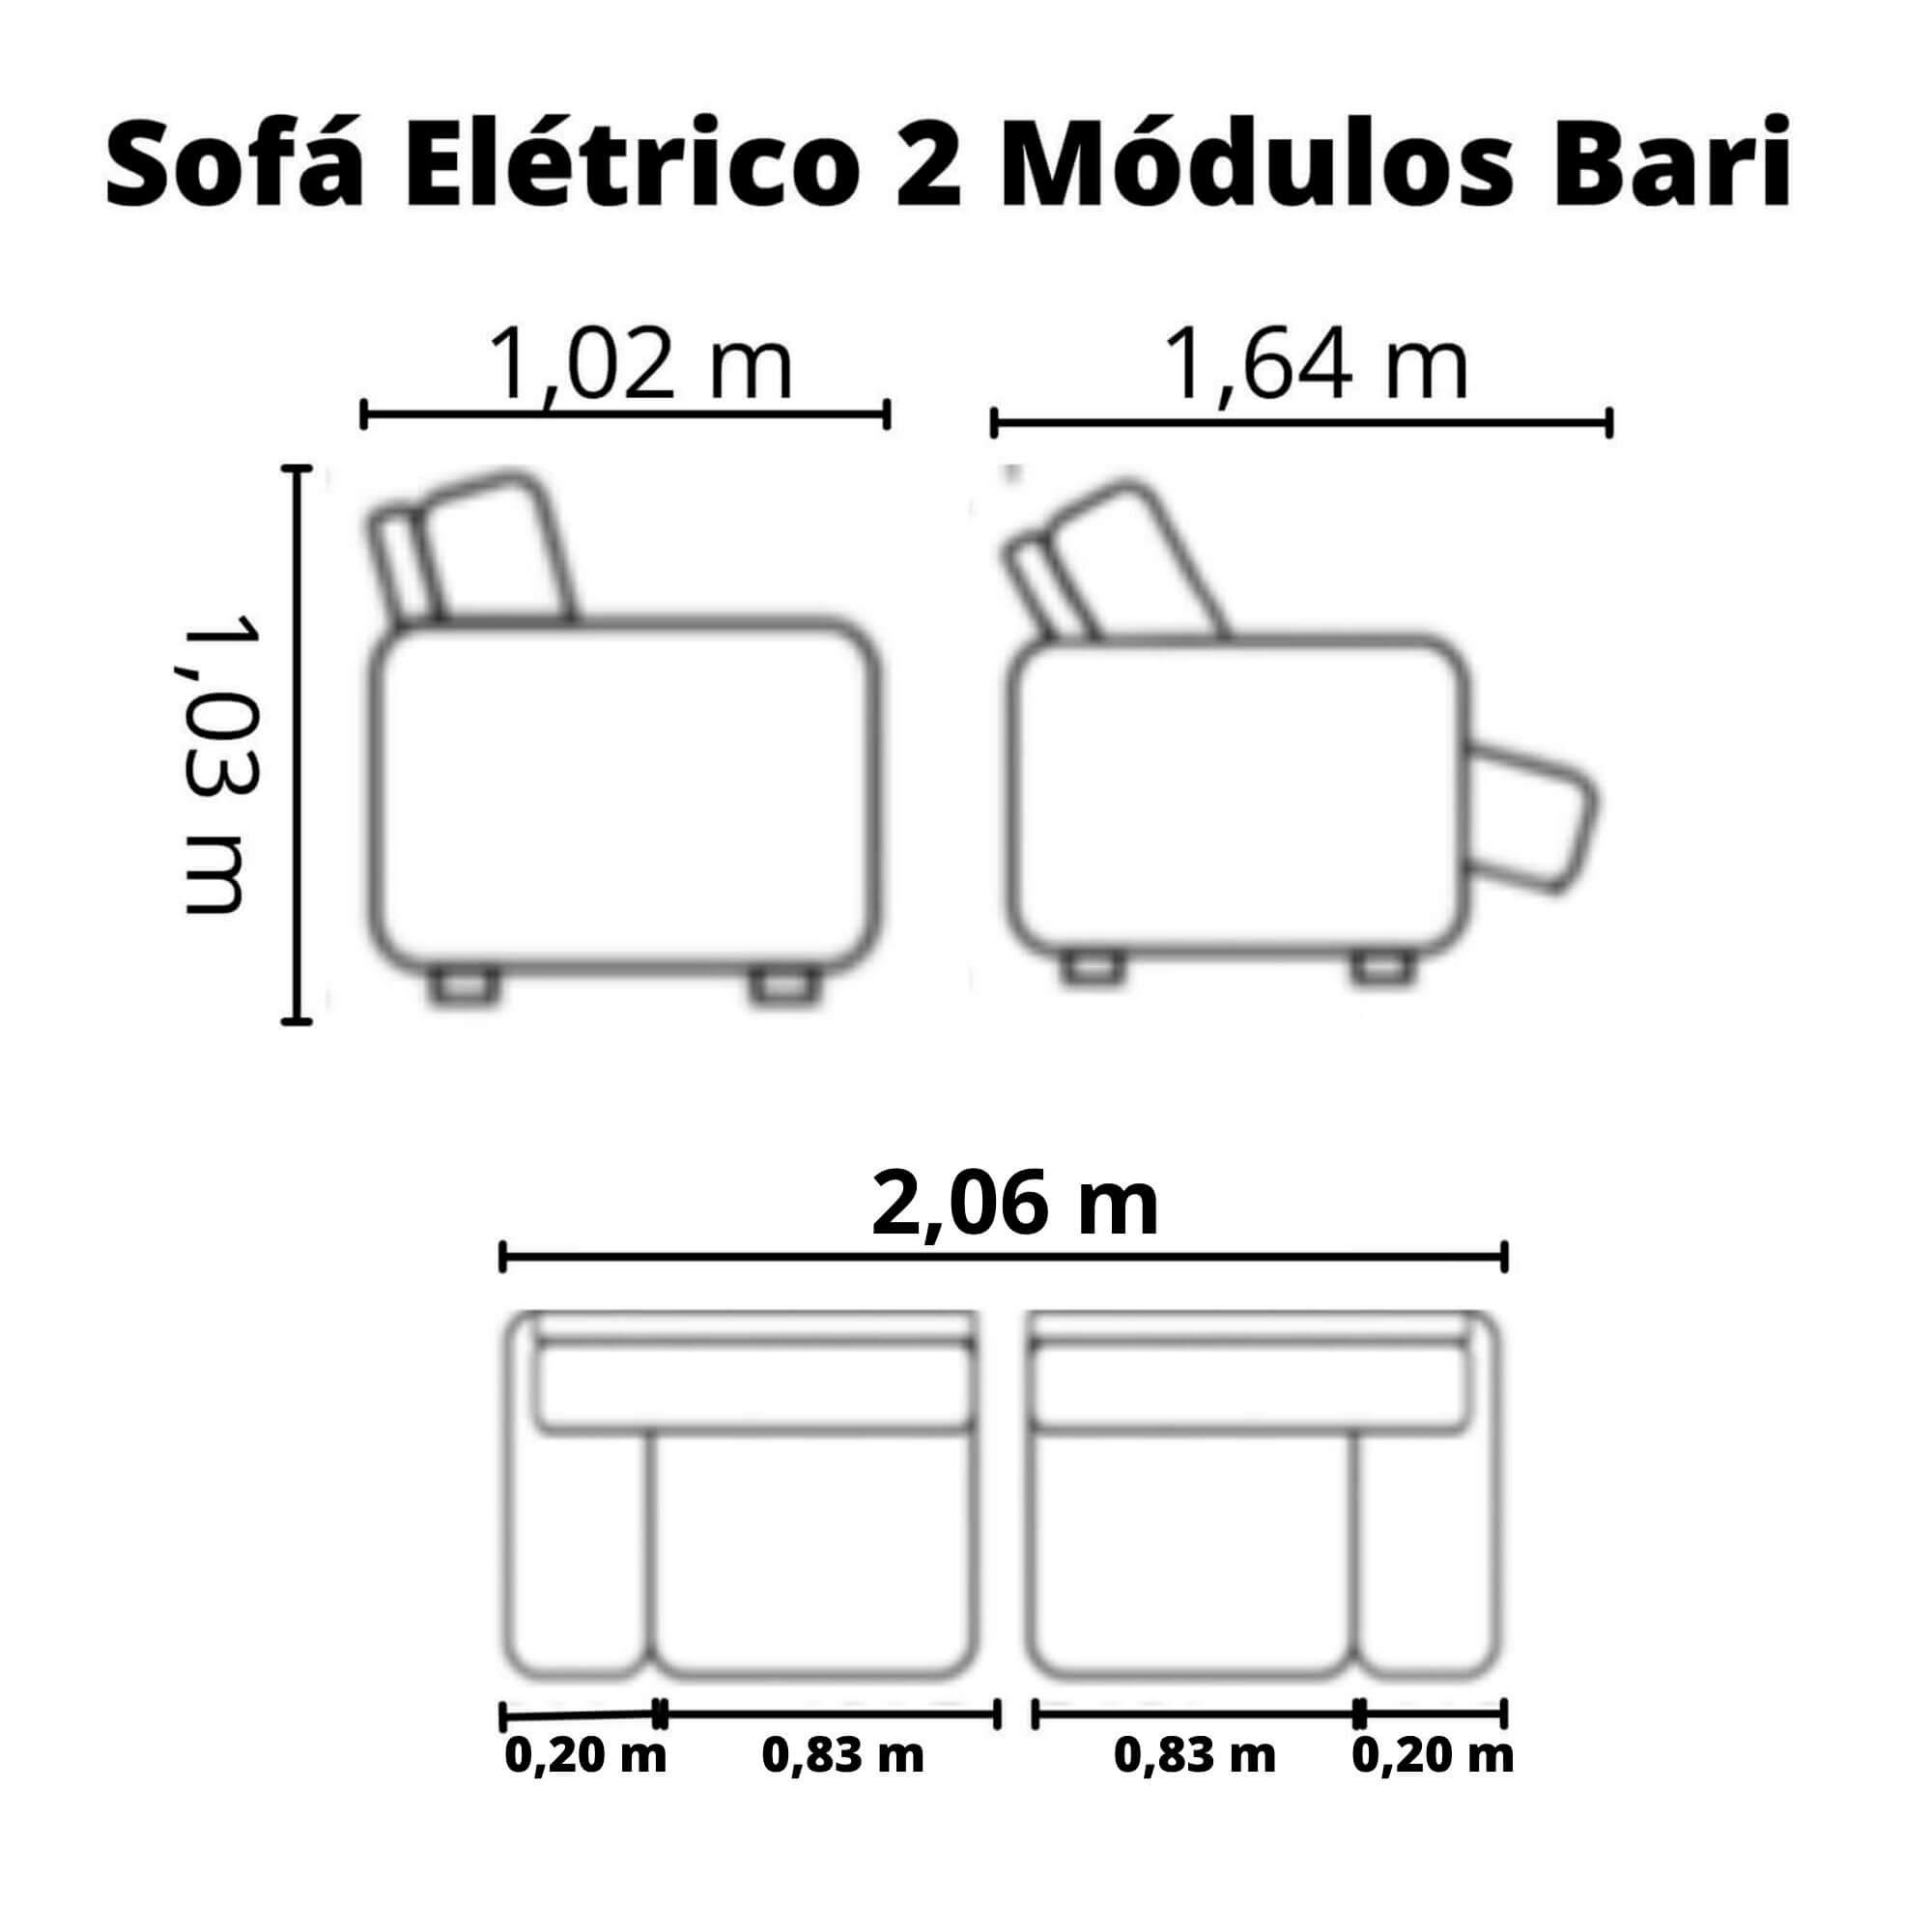 Sofá Retrátil Elétrico de Couro 206cm - Bari Camel